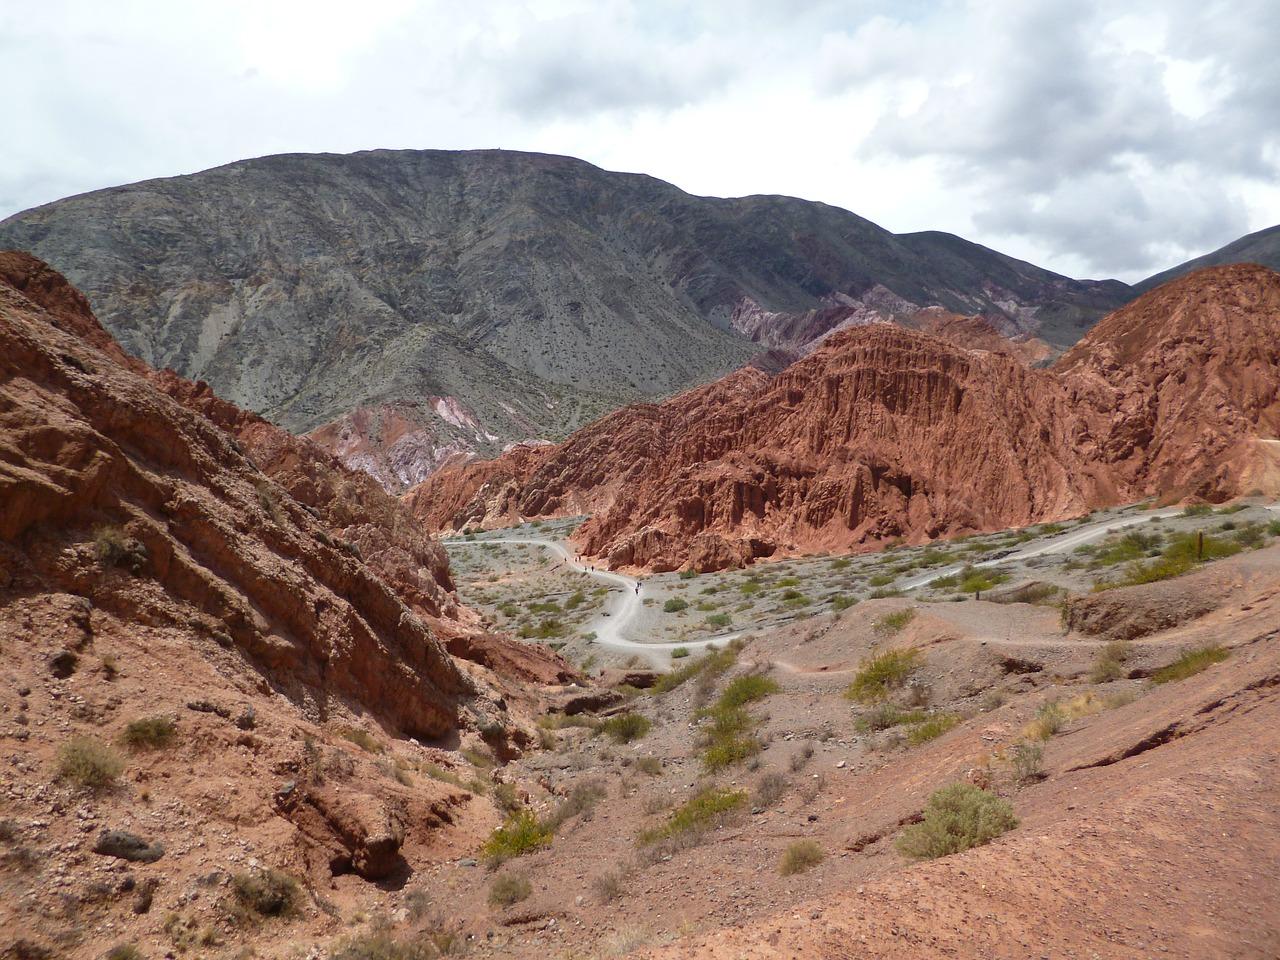 Viagem para Argentina com a Smiles a partir de 9.700 milhas o trecho ainda esse ano!